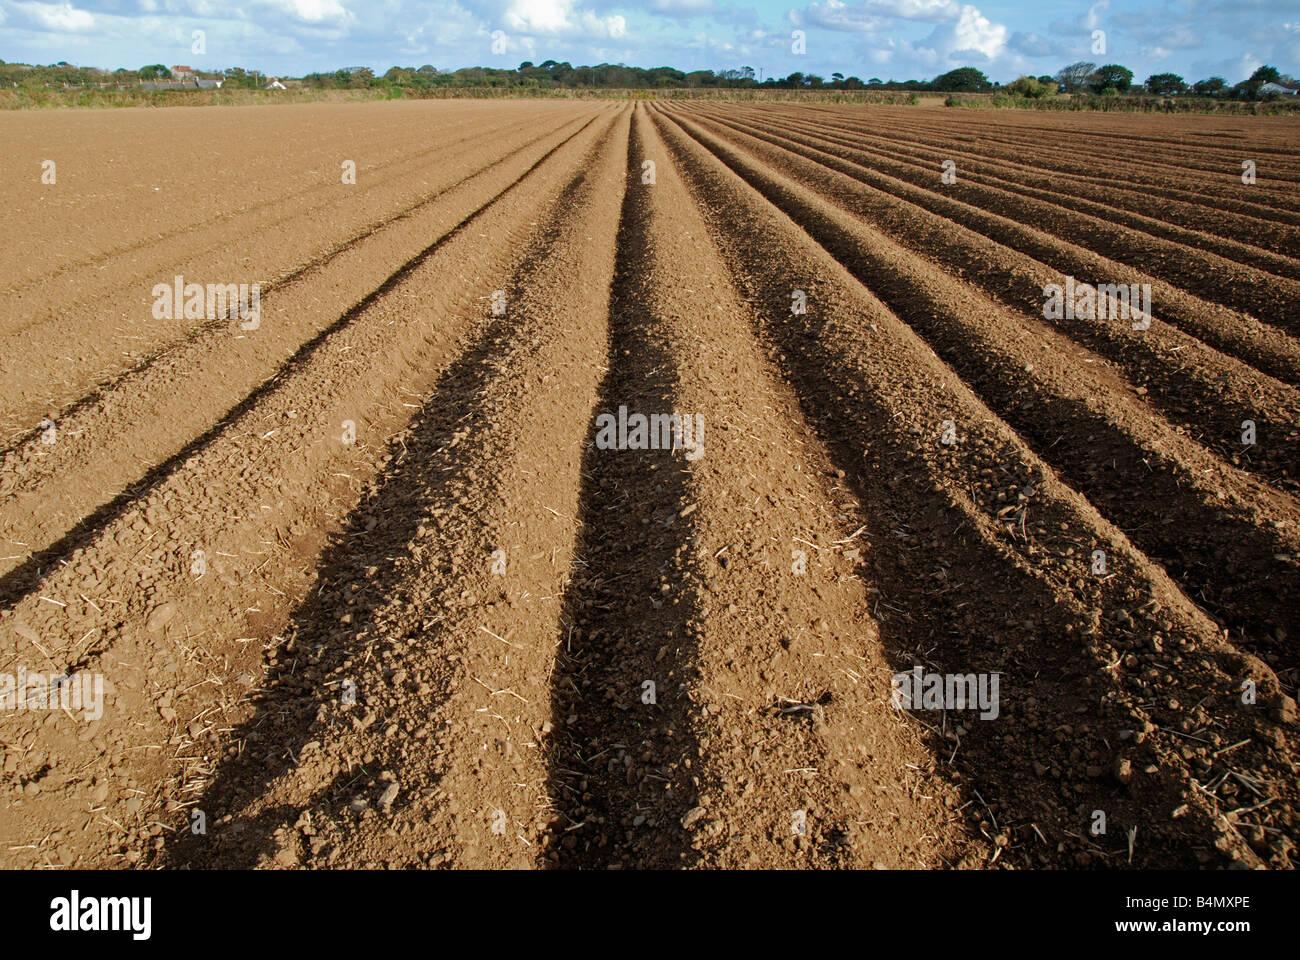 Los surcos del campo cerca de Ormskirk en Lancashire, Inglaterra, Reino Unido Imagen De Stock